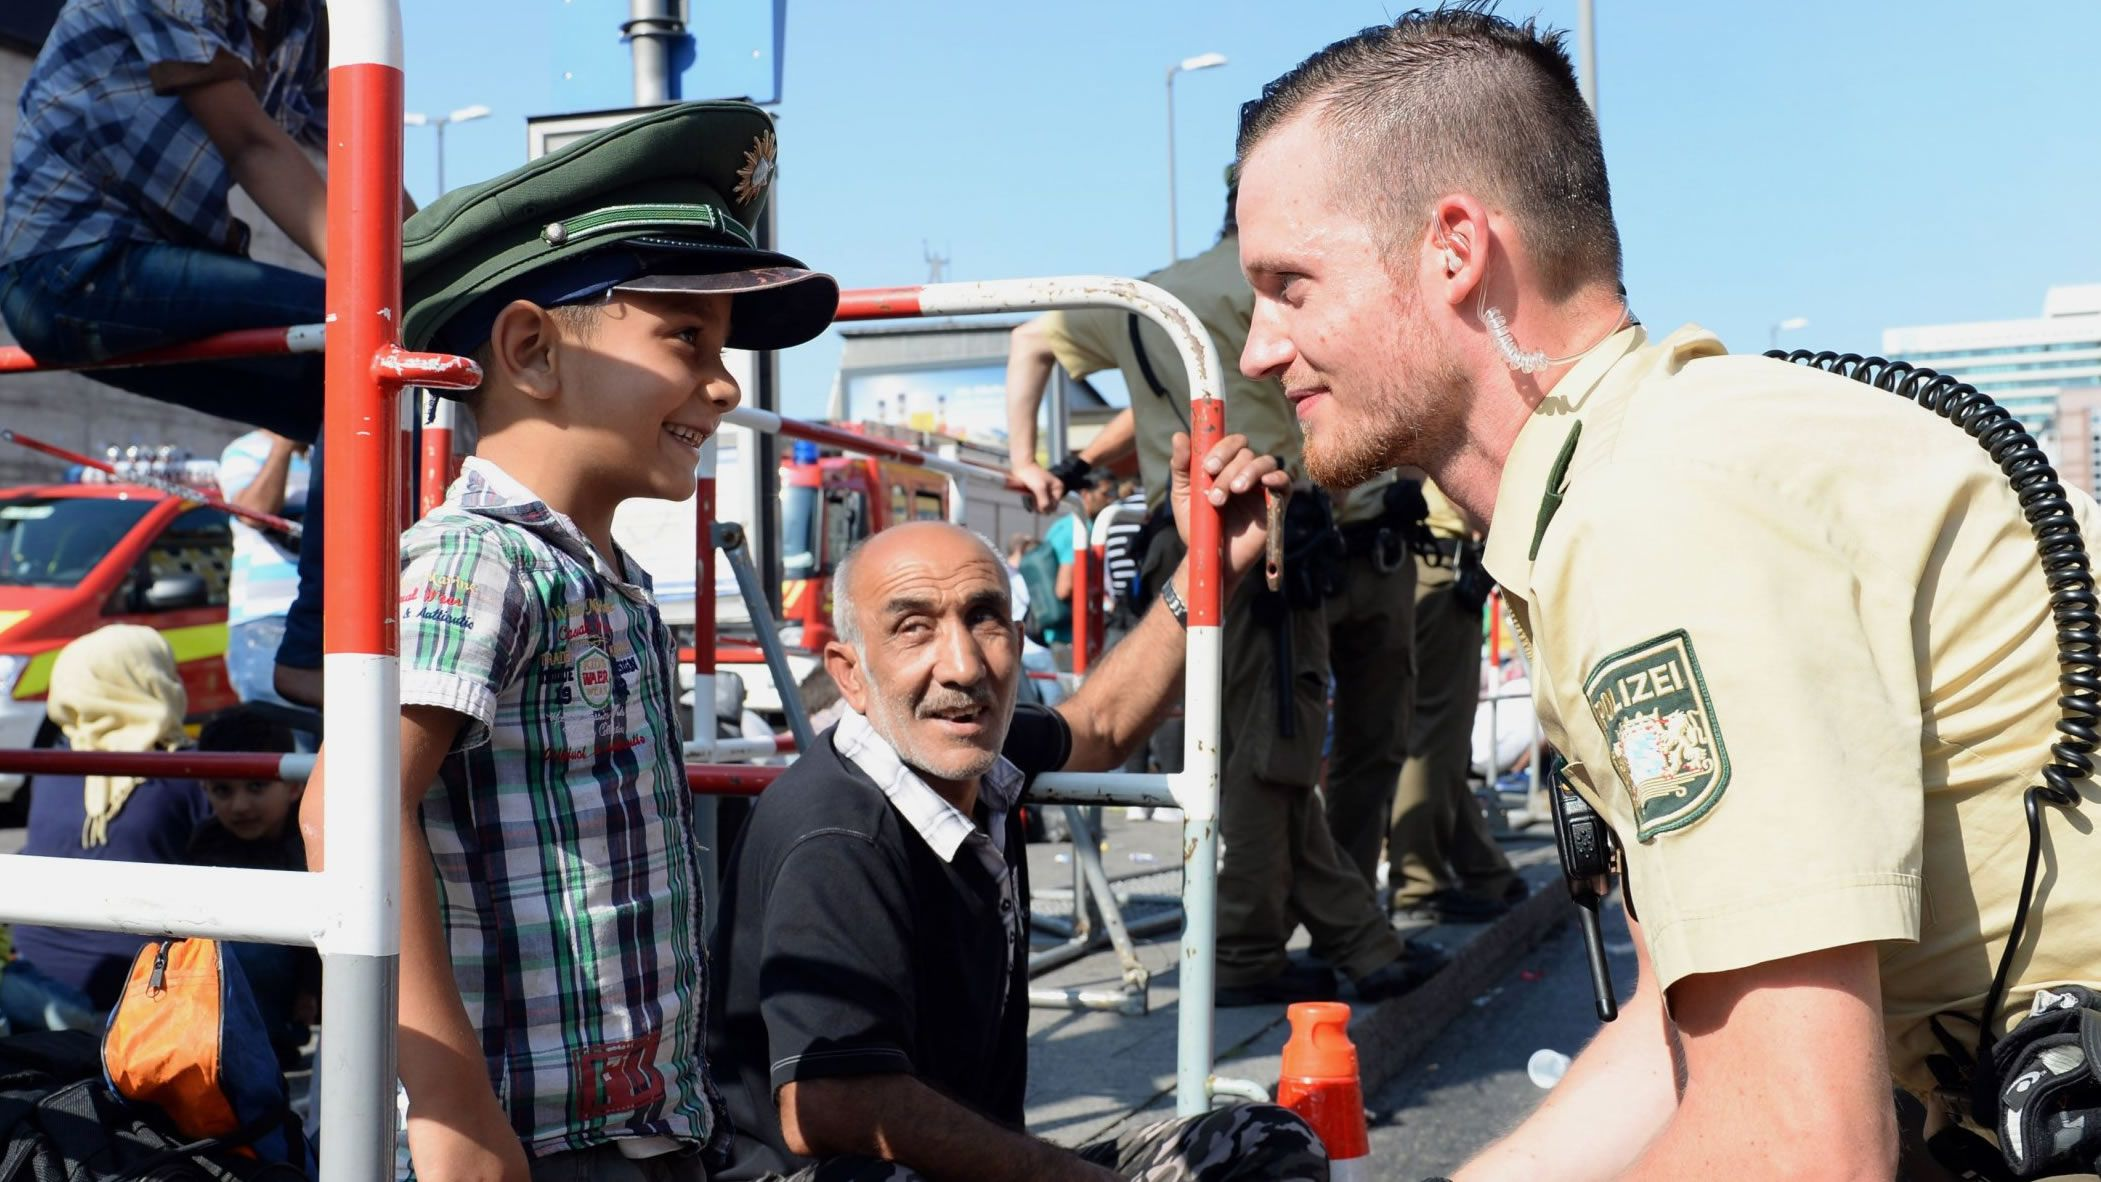 Nueva caravana de migrantes de Honduras a Estados Unidos.Un policía alemán con refugiados sirios en Múnich, en la crisis migratoria del 2015